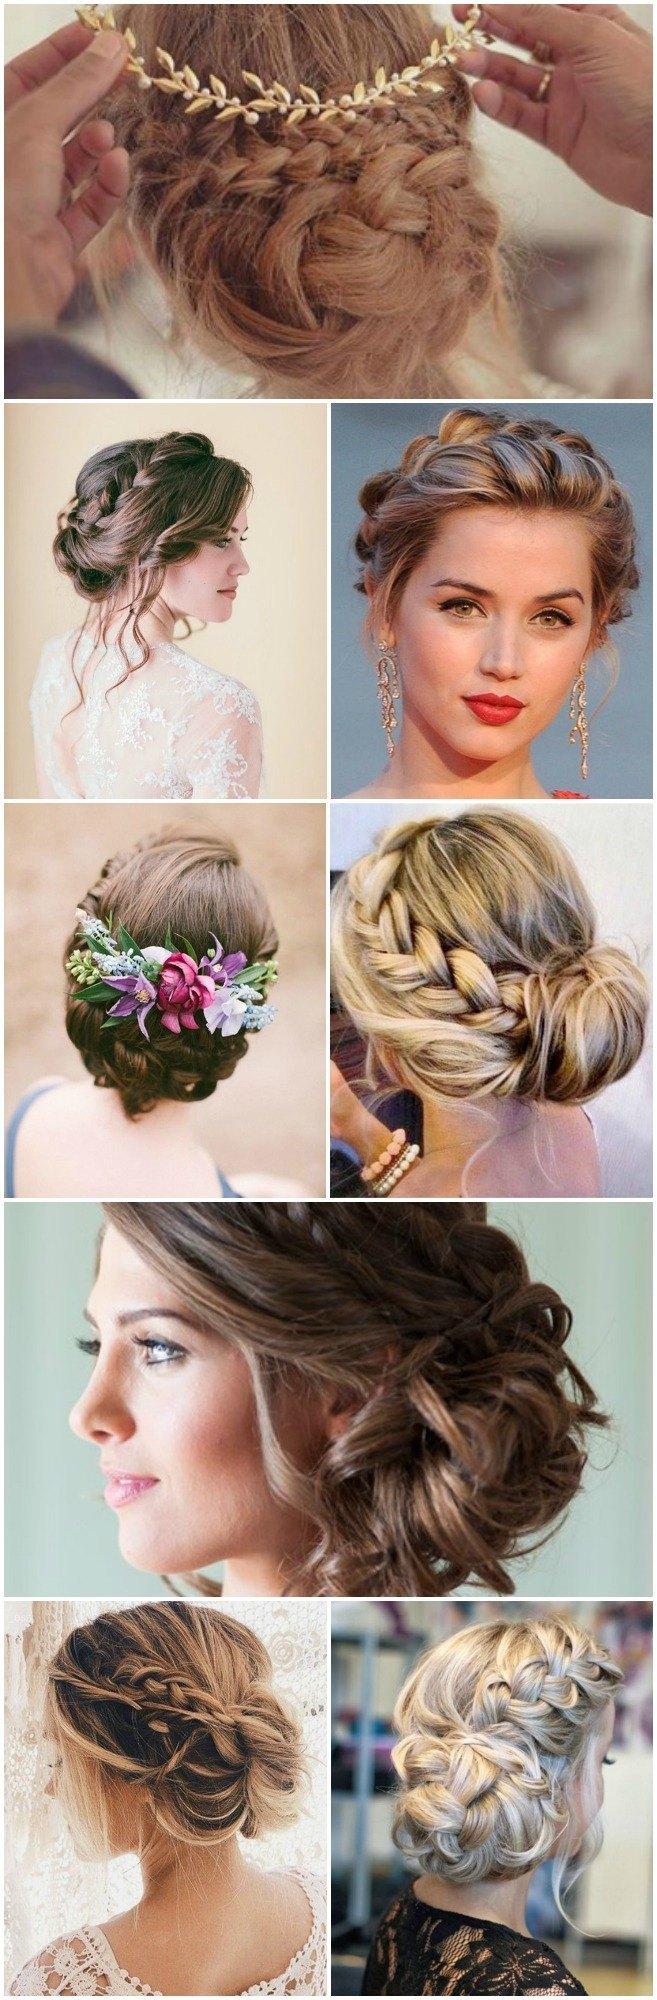 Recogidos bajos para bodas novias e invitadas diario - Peinados recogidos con trenzas ...